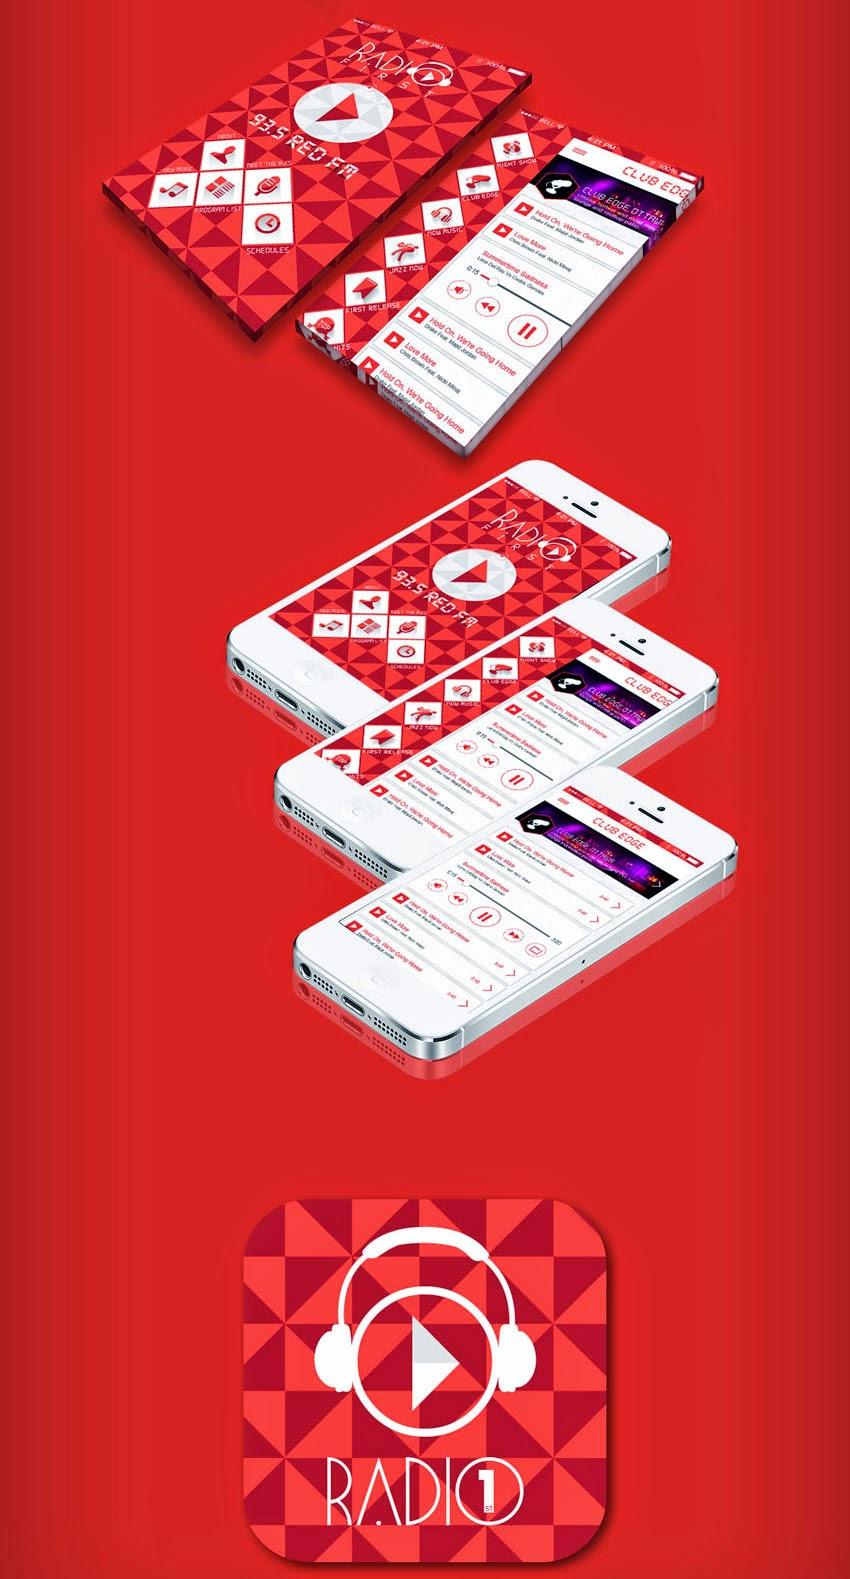 Radio IOS App UI